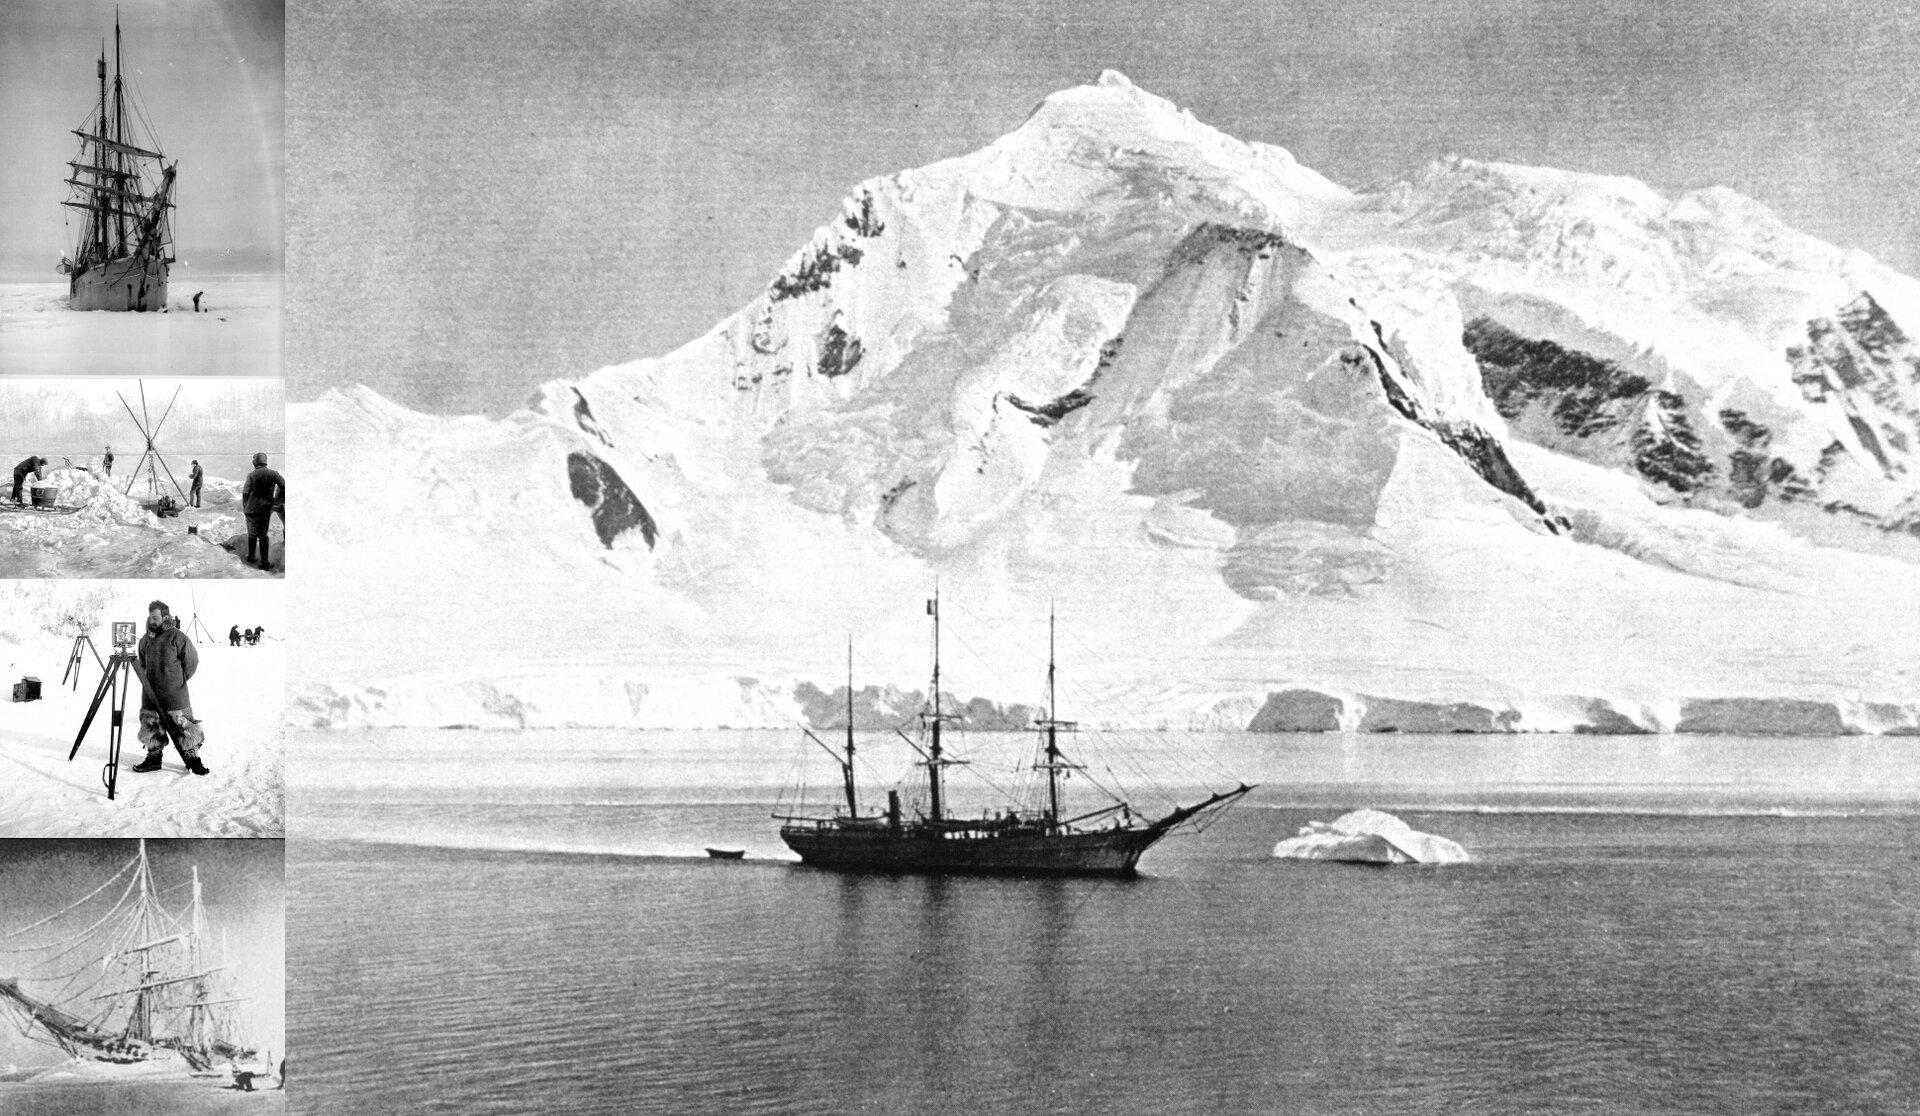 Czarno-biała fotografia prezentuje trójmasztowy statek płynący po morzu, na tle białychych ośnieżonych gór.